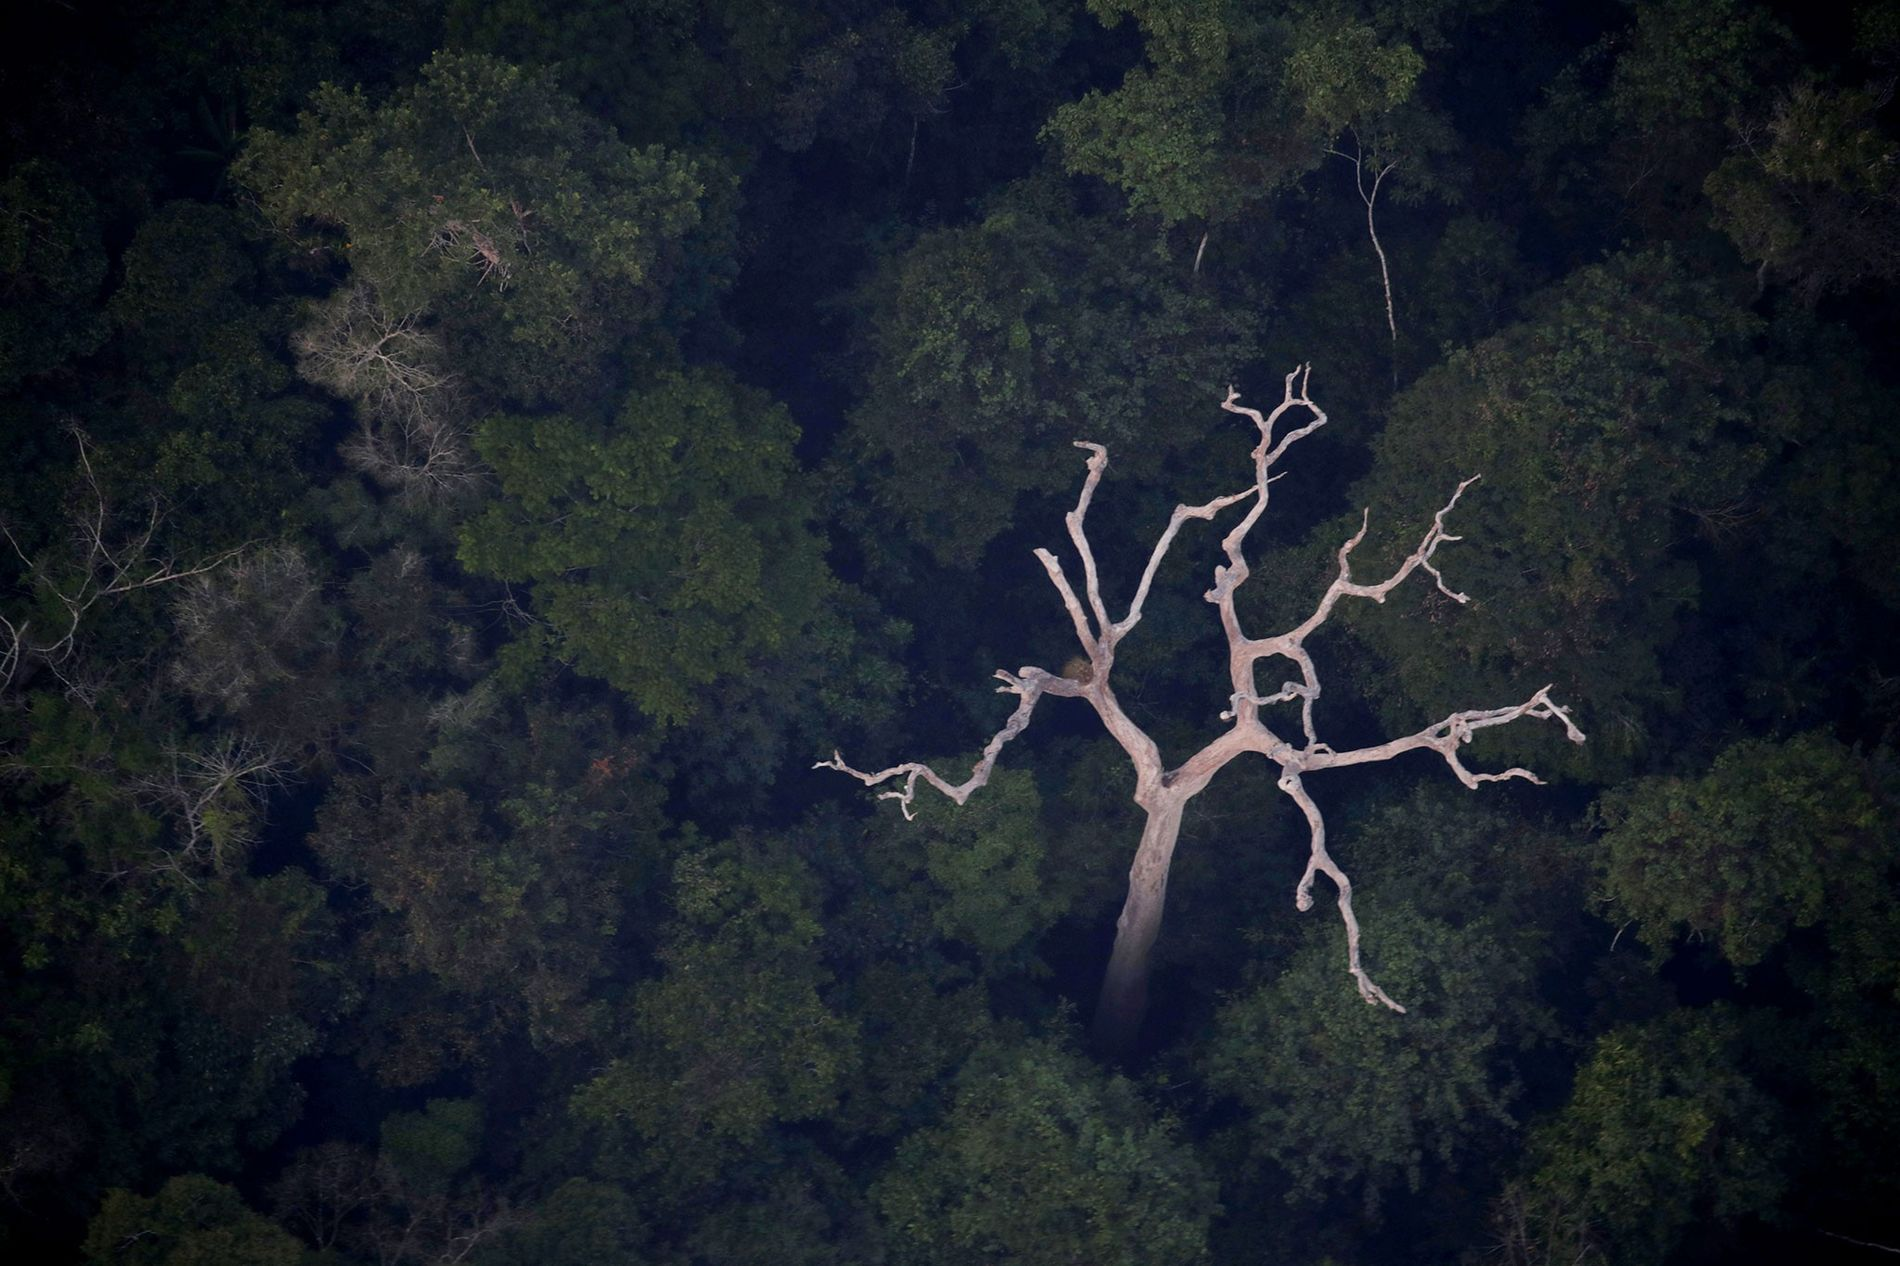 Eine Luftaufnahme des Amazonas in der Nähe von Porto Velho im brasilianischen Bundesstaat Rondonia vom 21. August 2019.